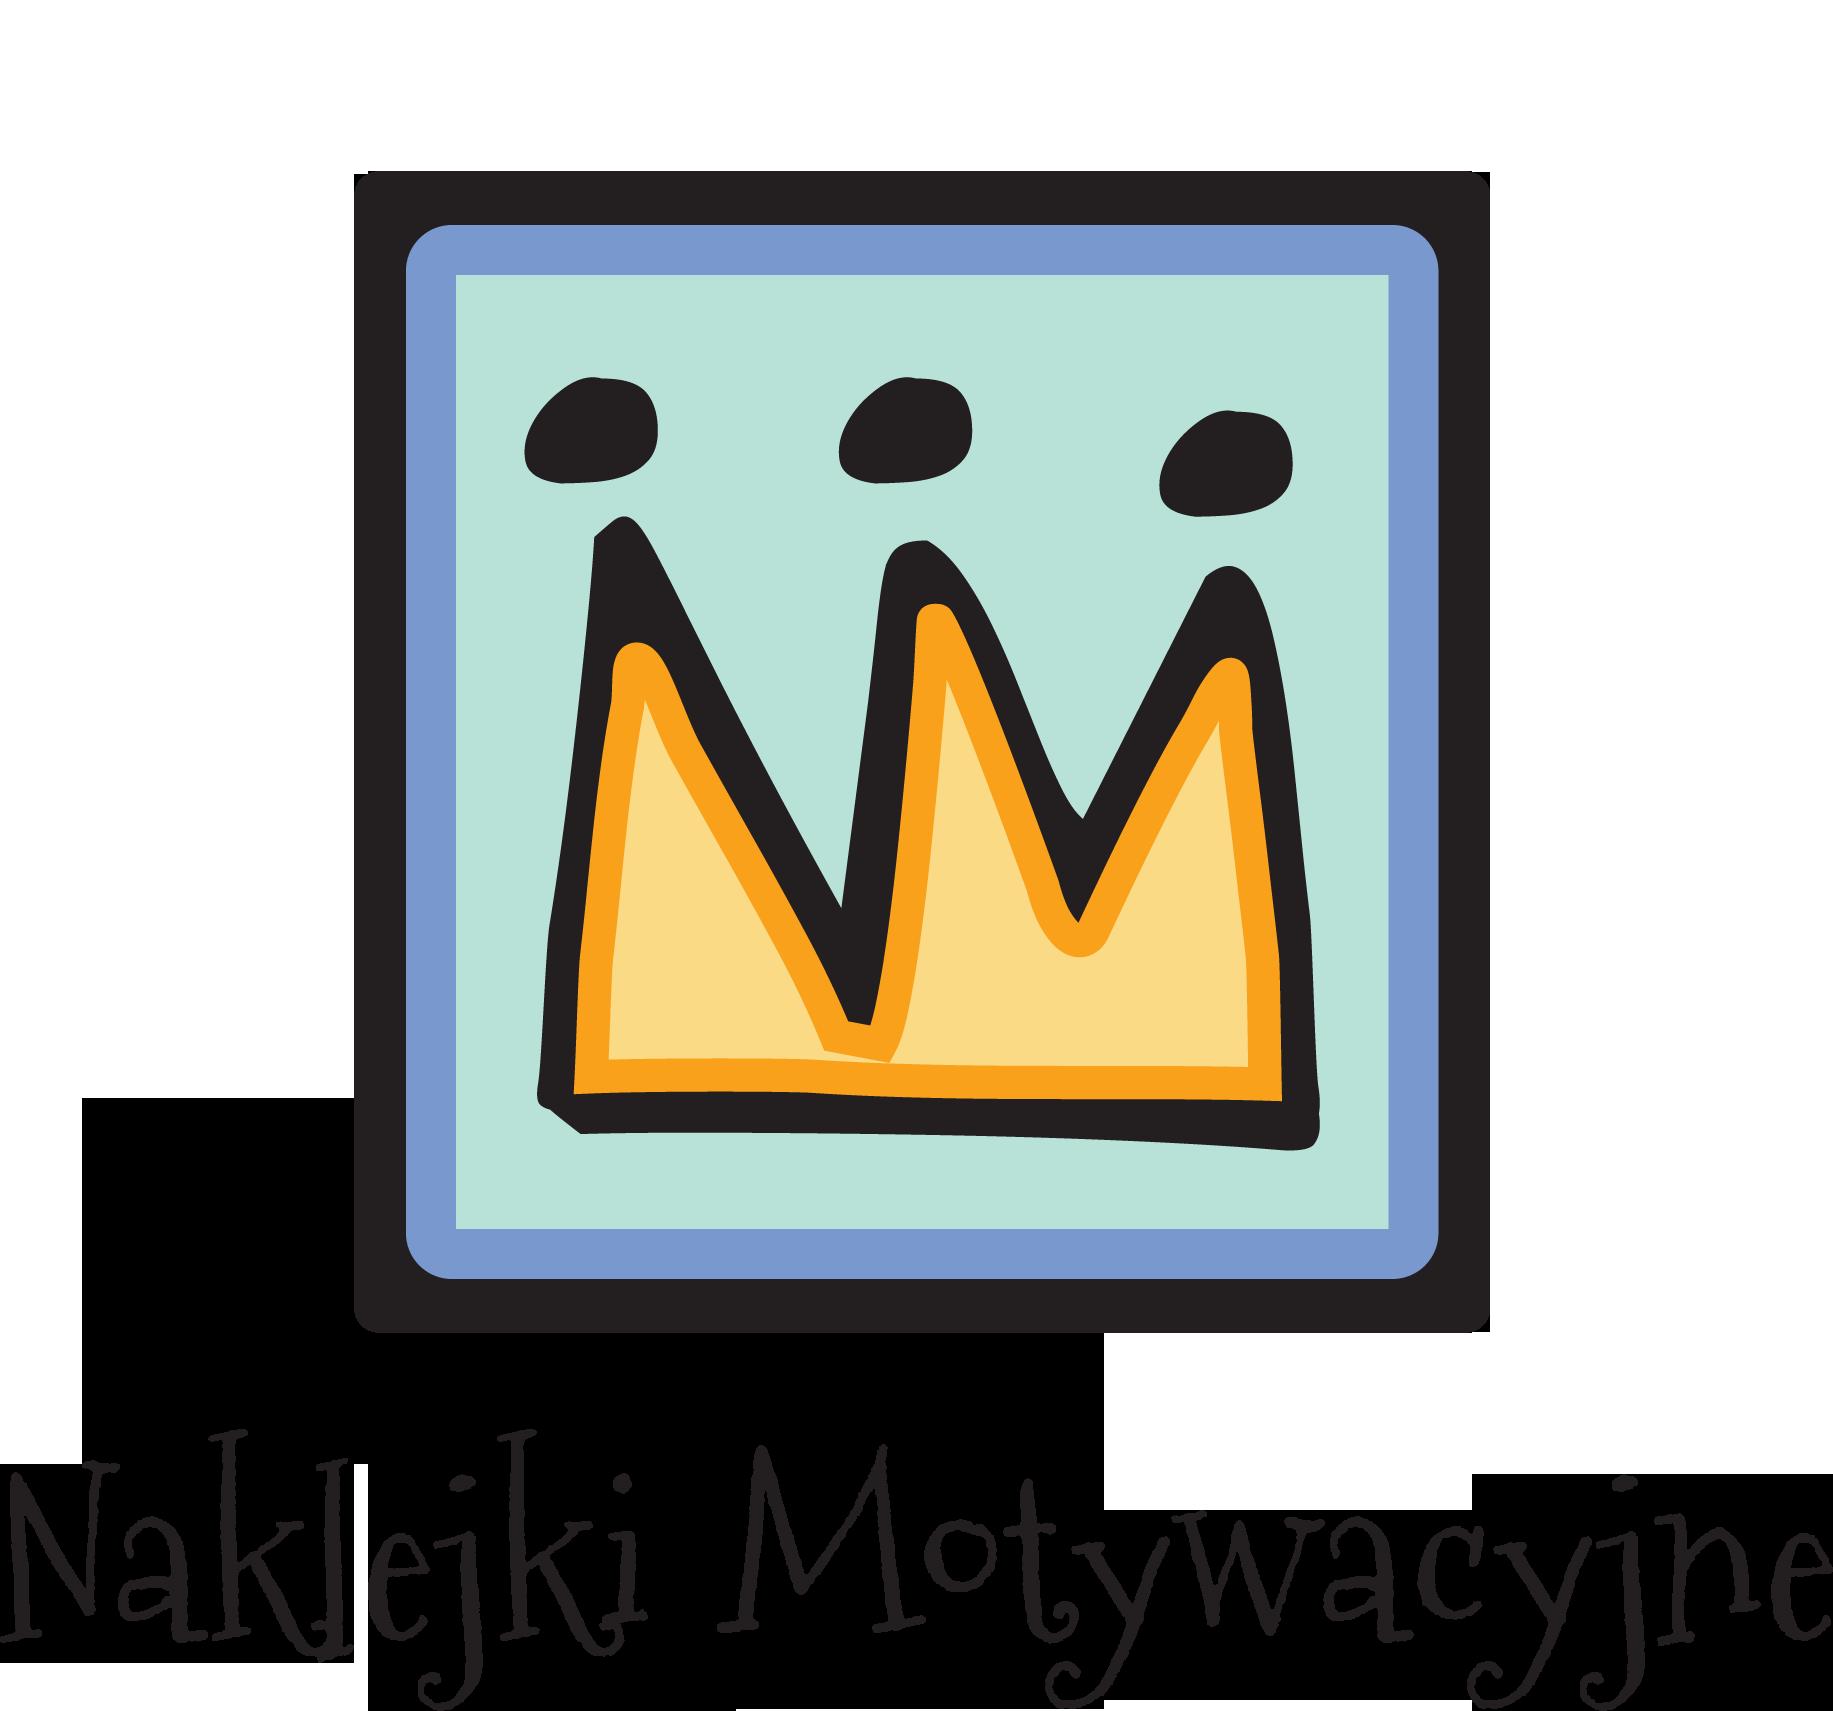 logotyp_rgb-Naklejki-motywacyjne